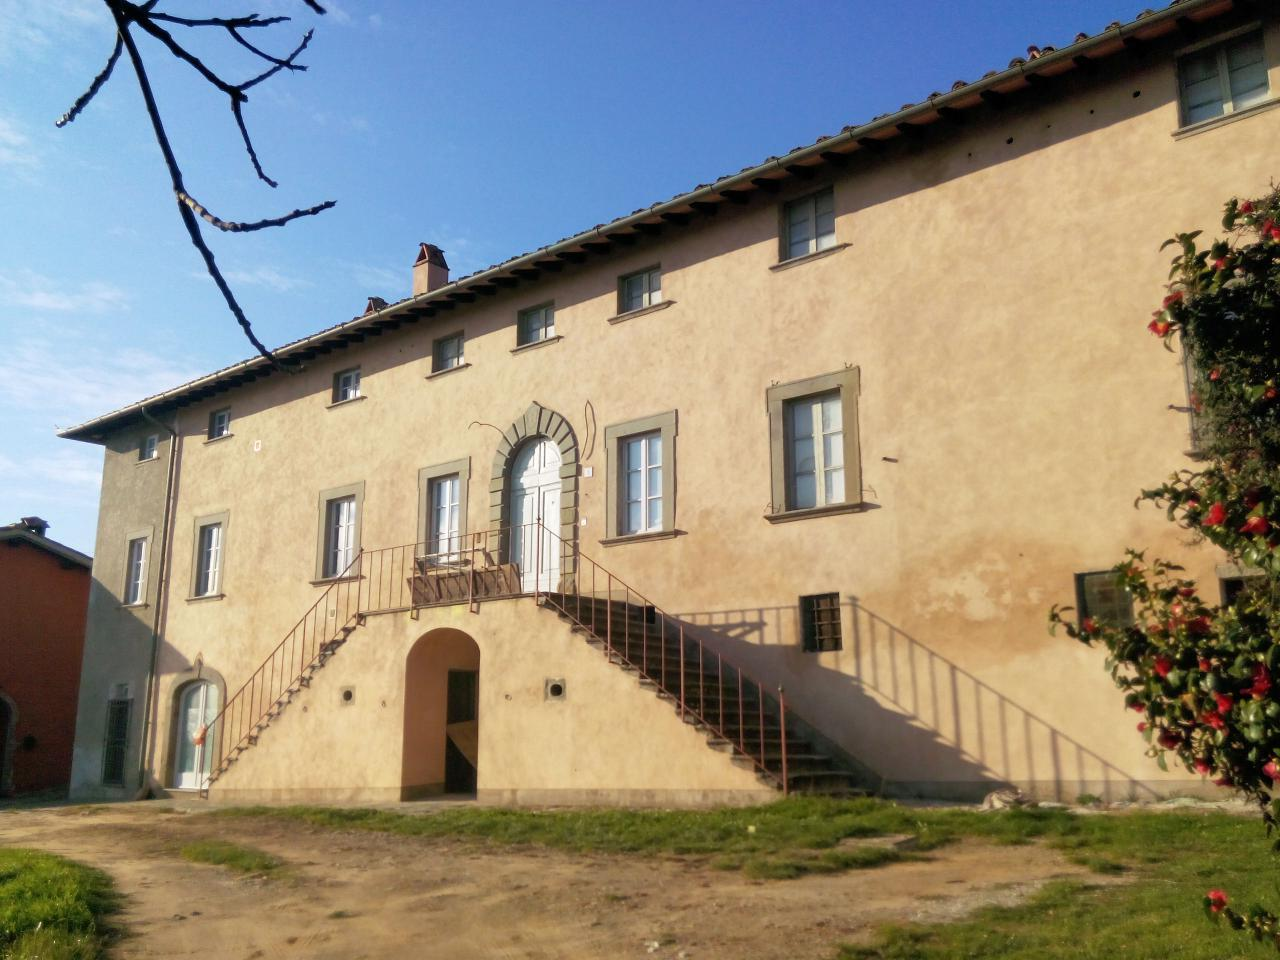 Appartamento in vendita a Massa e Cozzile, 5 locali, zona Zona: Massa, prezzo € 215.000 | CambioCasa.it